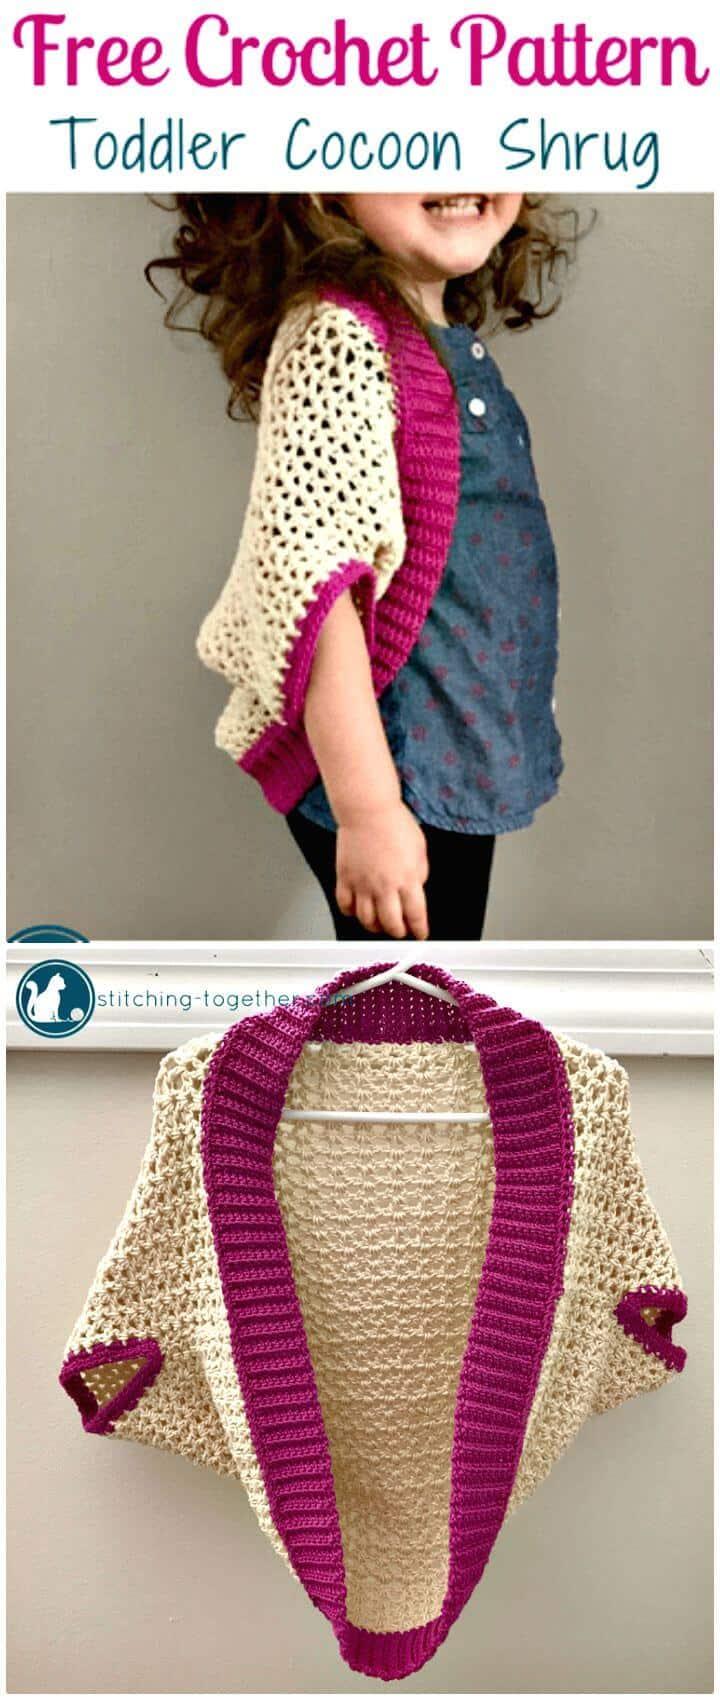 Patrón de encogimiento de hombros Cocoon de crochet gratis